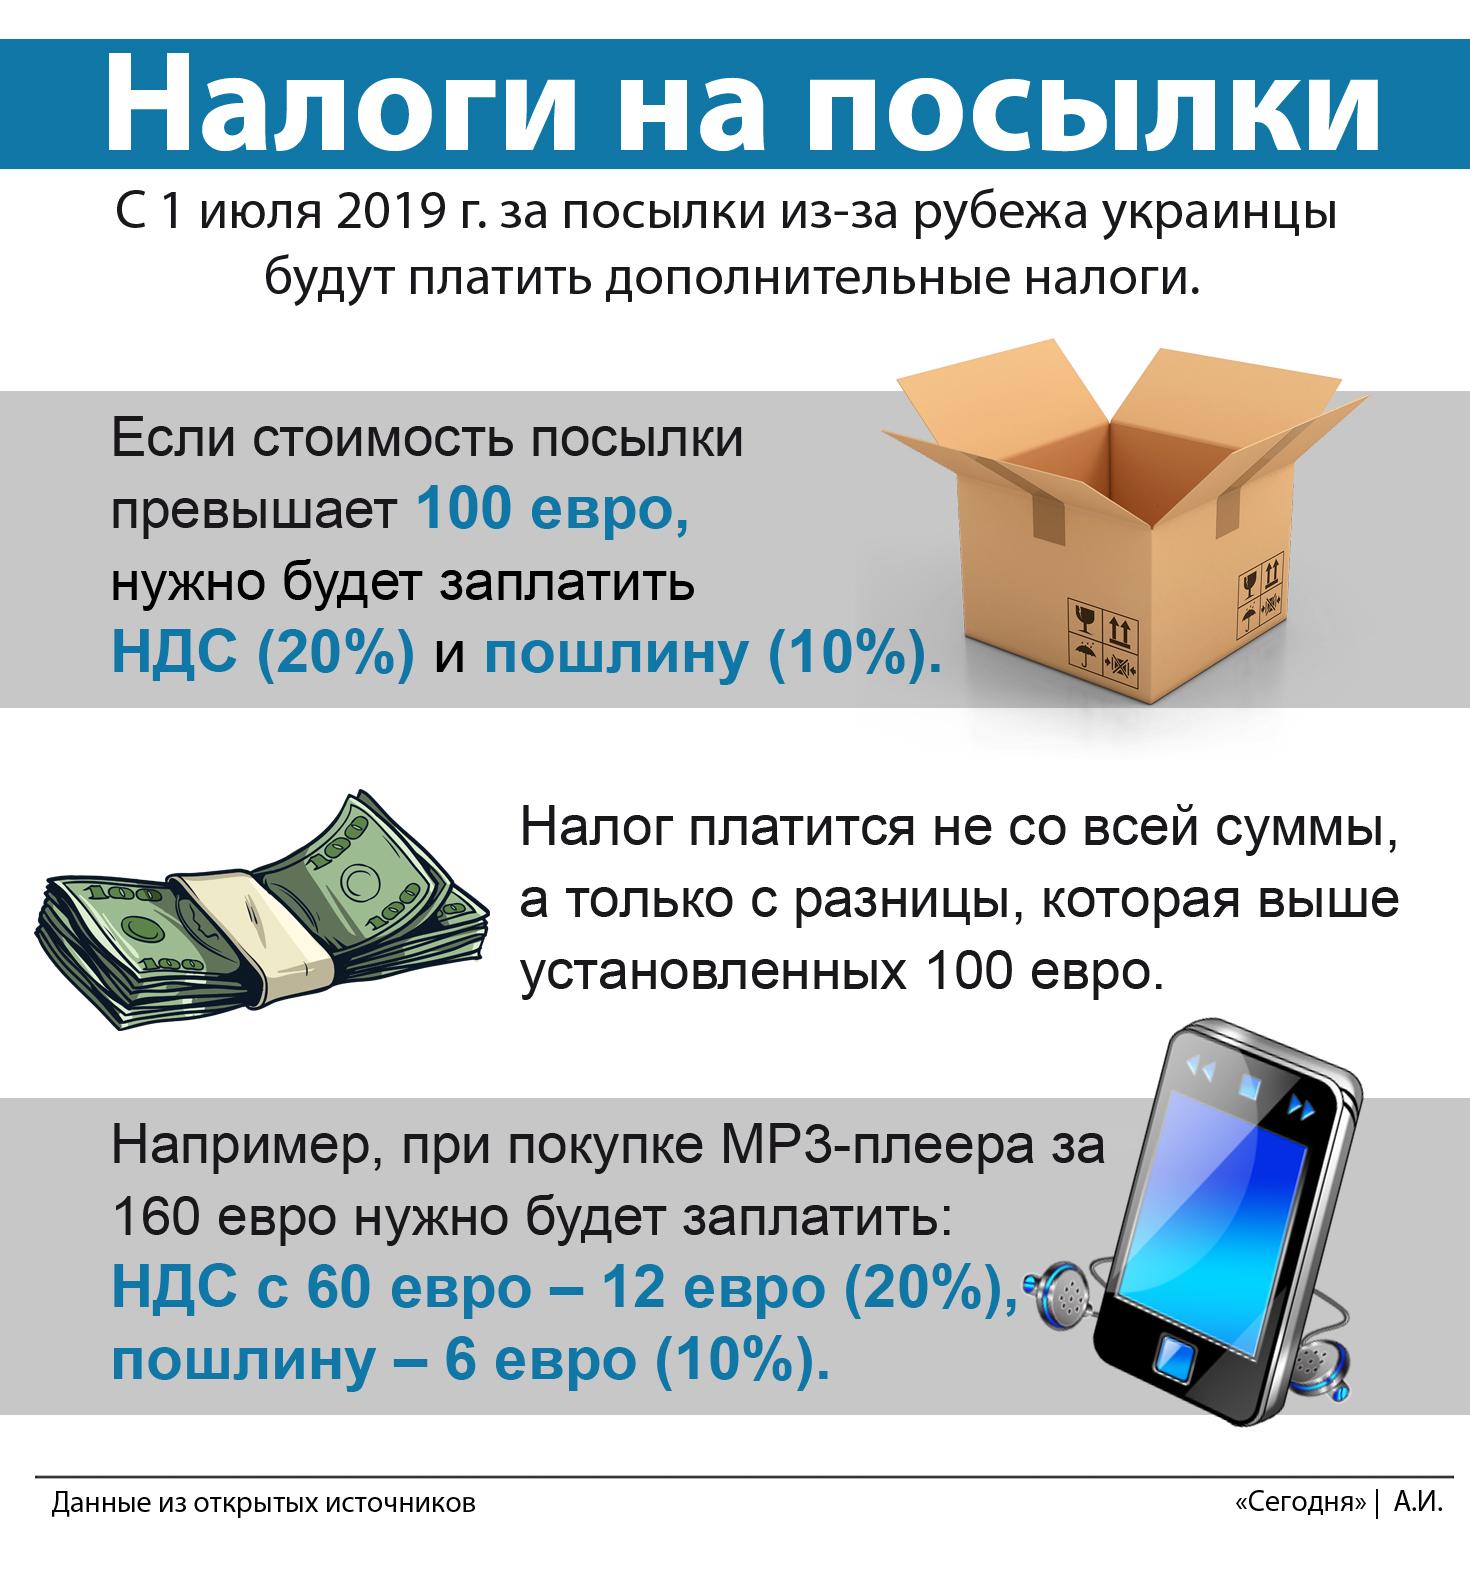 Податки на посилки з-за кордону зростуть: що підготували українцям, фото-2